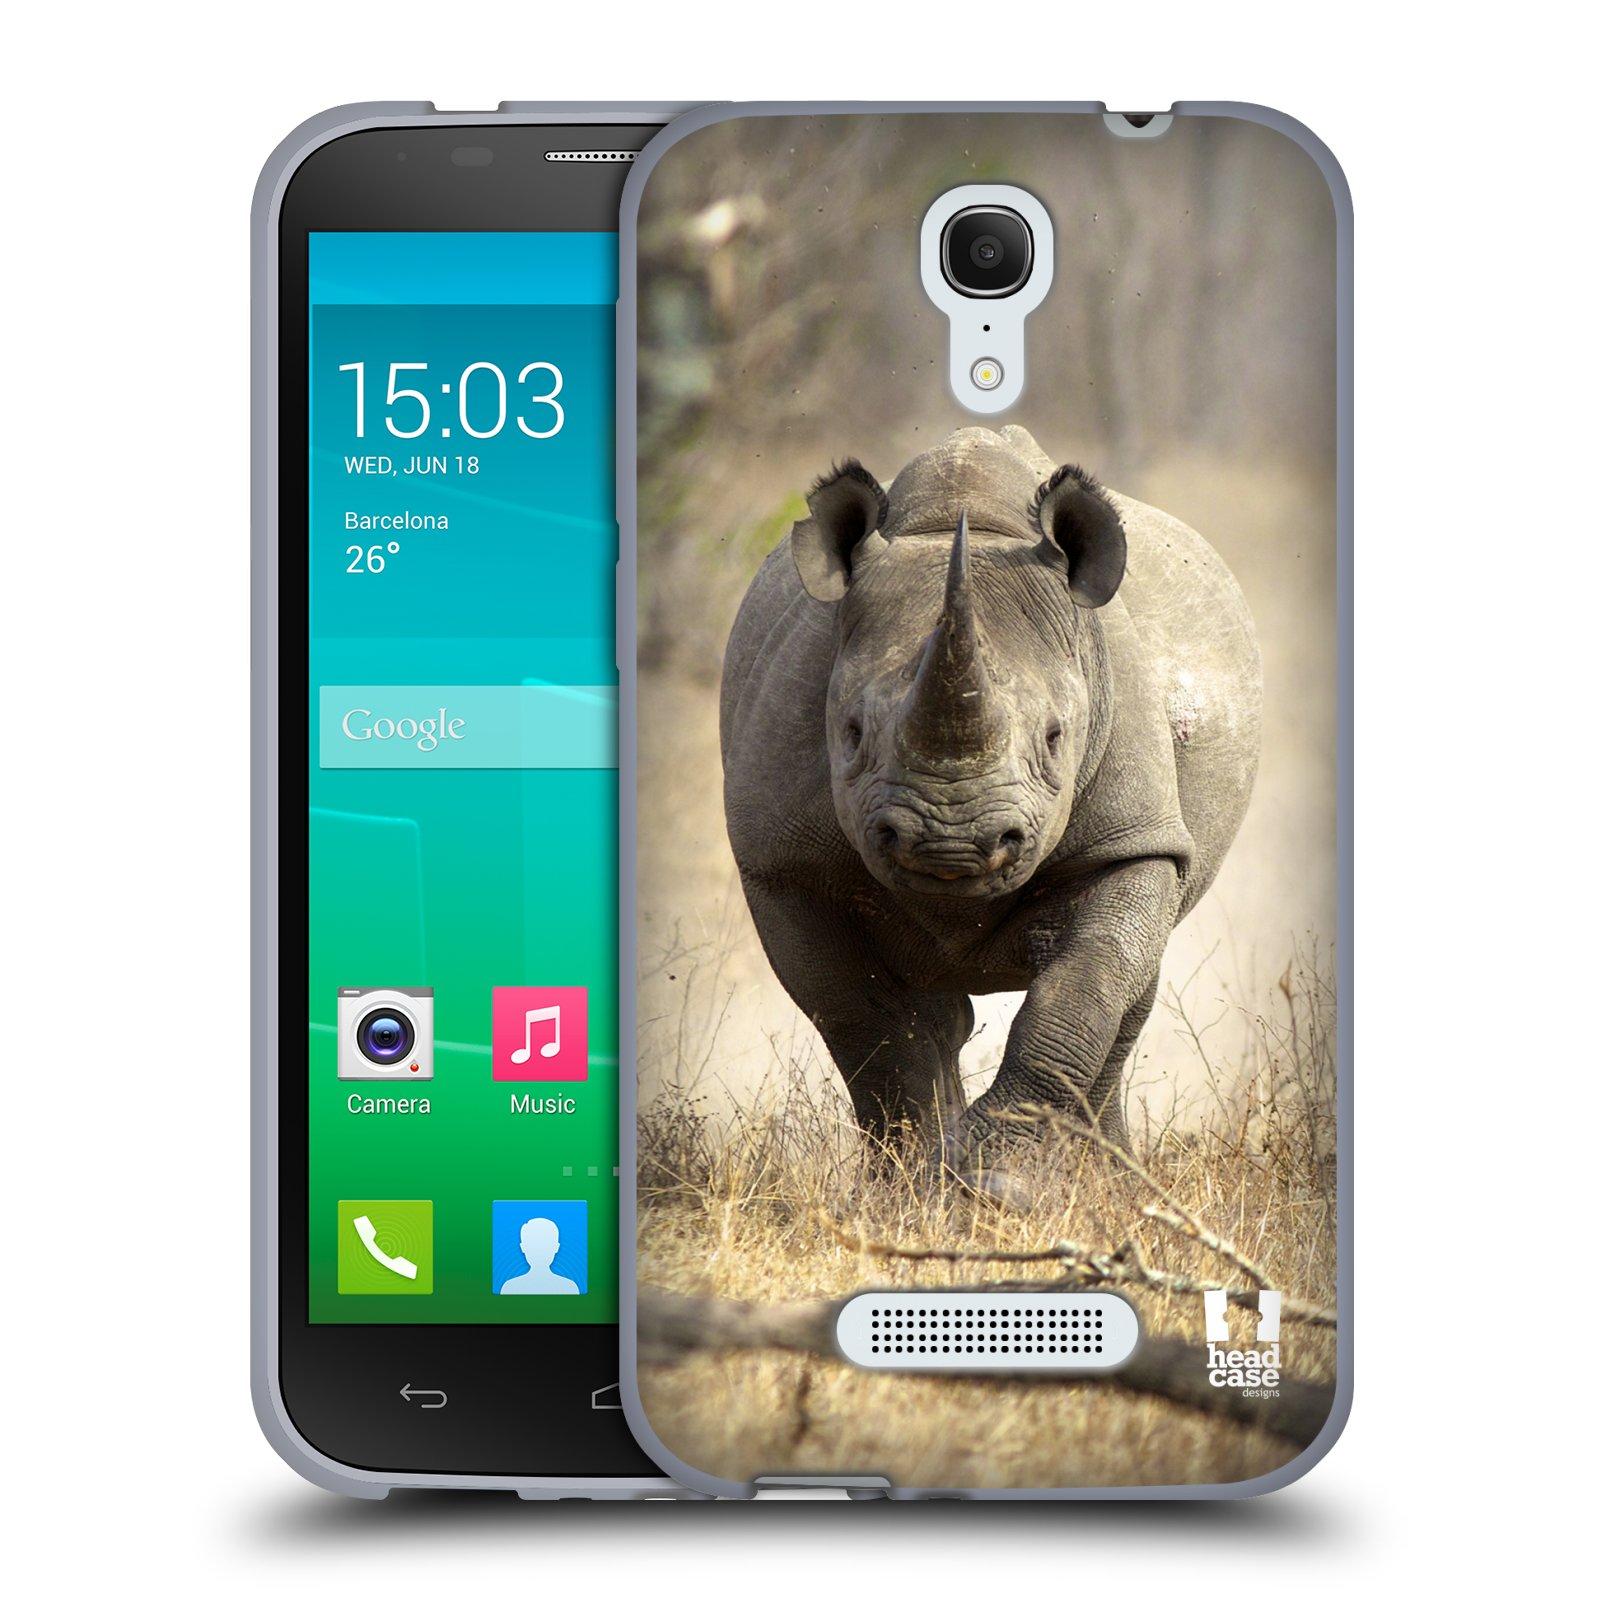 HEAD CASE silikonový obal na mobil Alcatel POP S7 vzor Divočina, Divoký život a zvířata foto AFRIKA BĚŽÍCÍ NOSOROŽEC